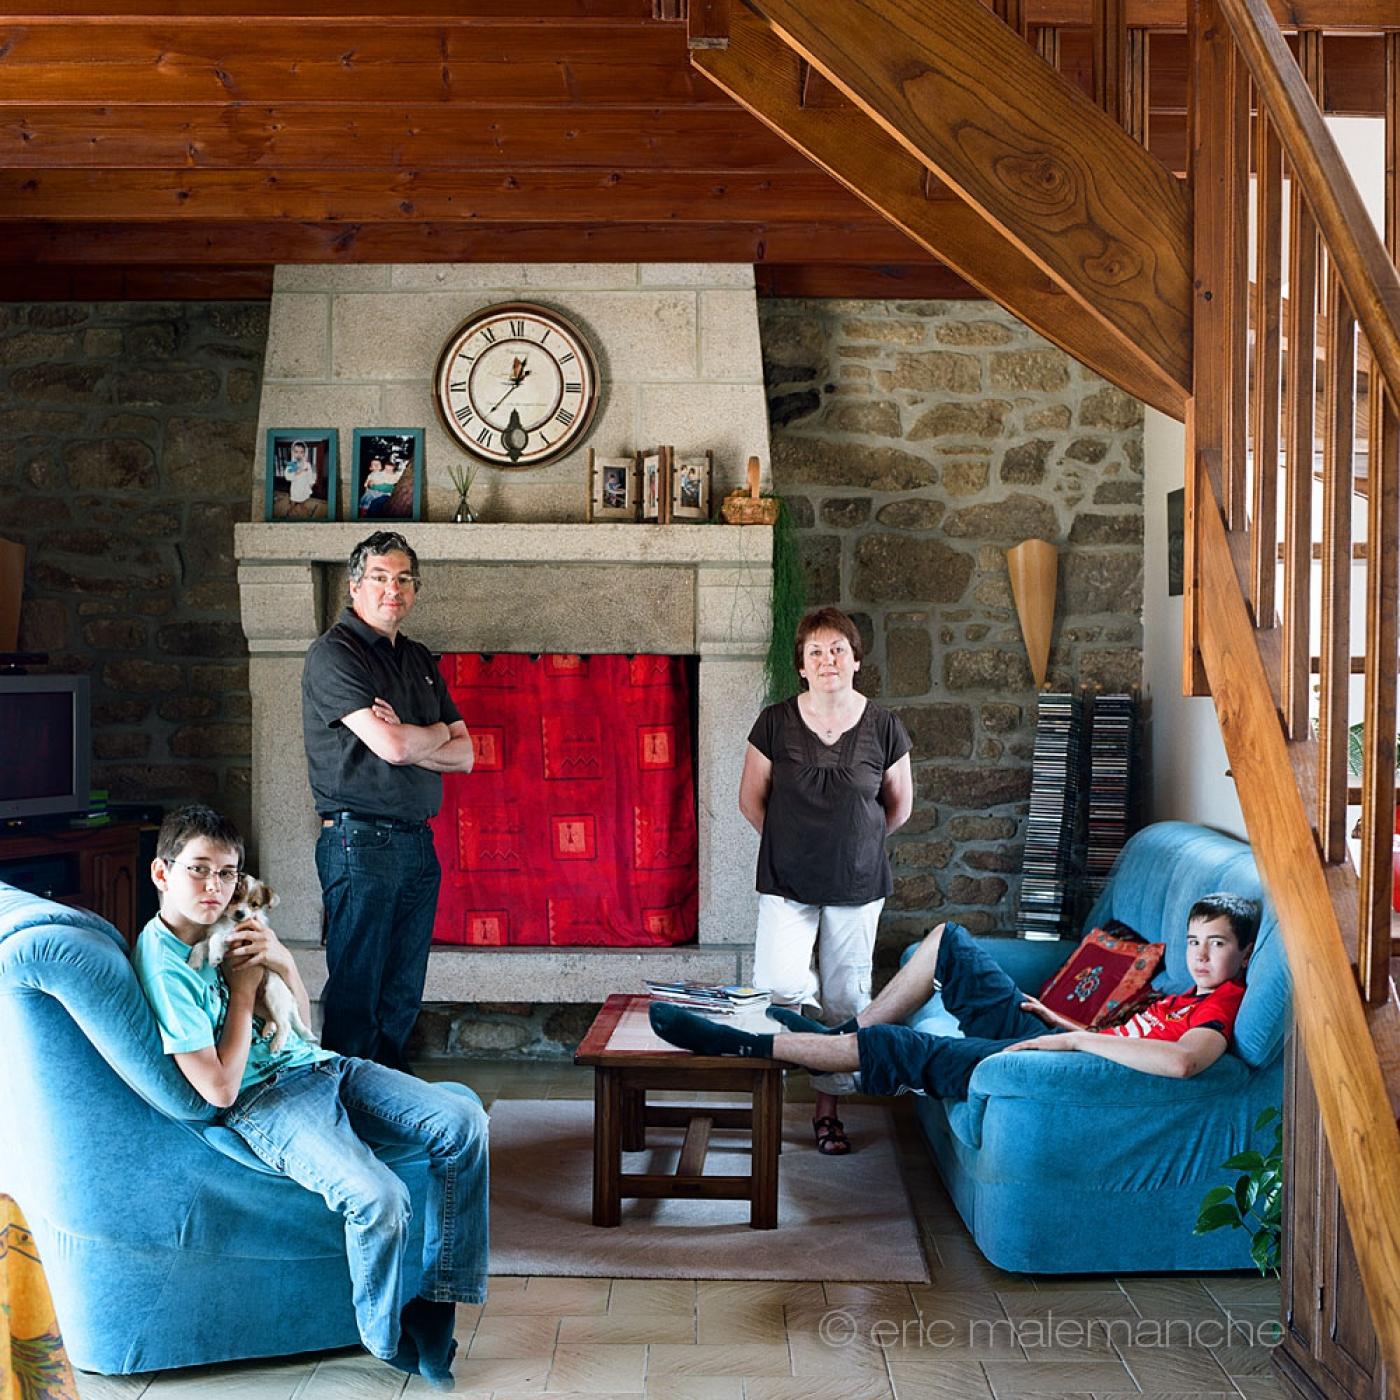 http://www.ericmalemanche.com/imagess/topics/les-bretons-de-l-argoat/liste/Bretons-Malemanche-024.jpg